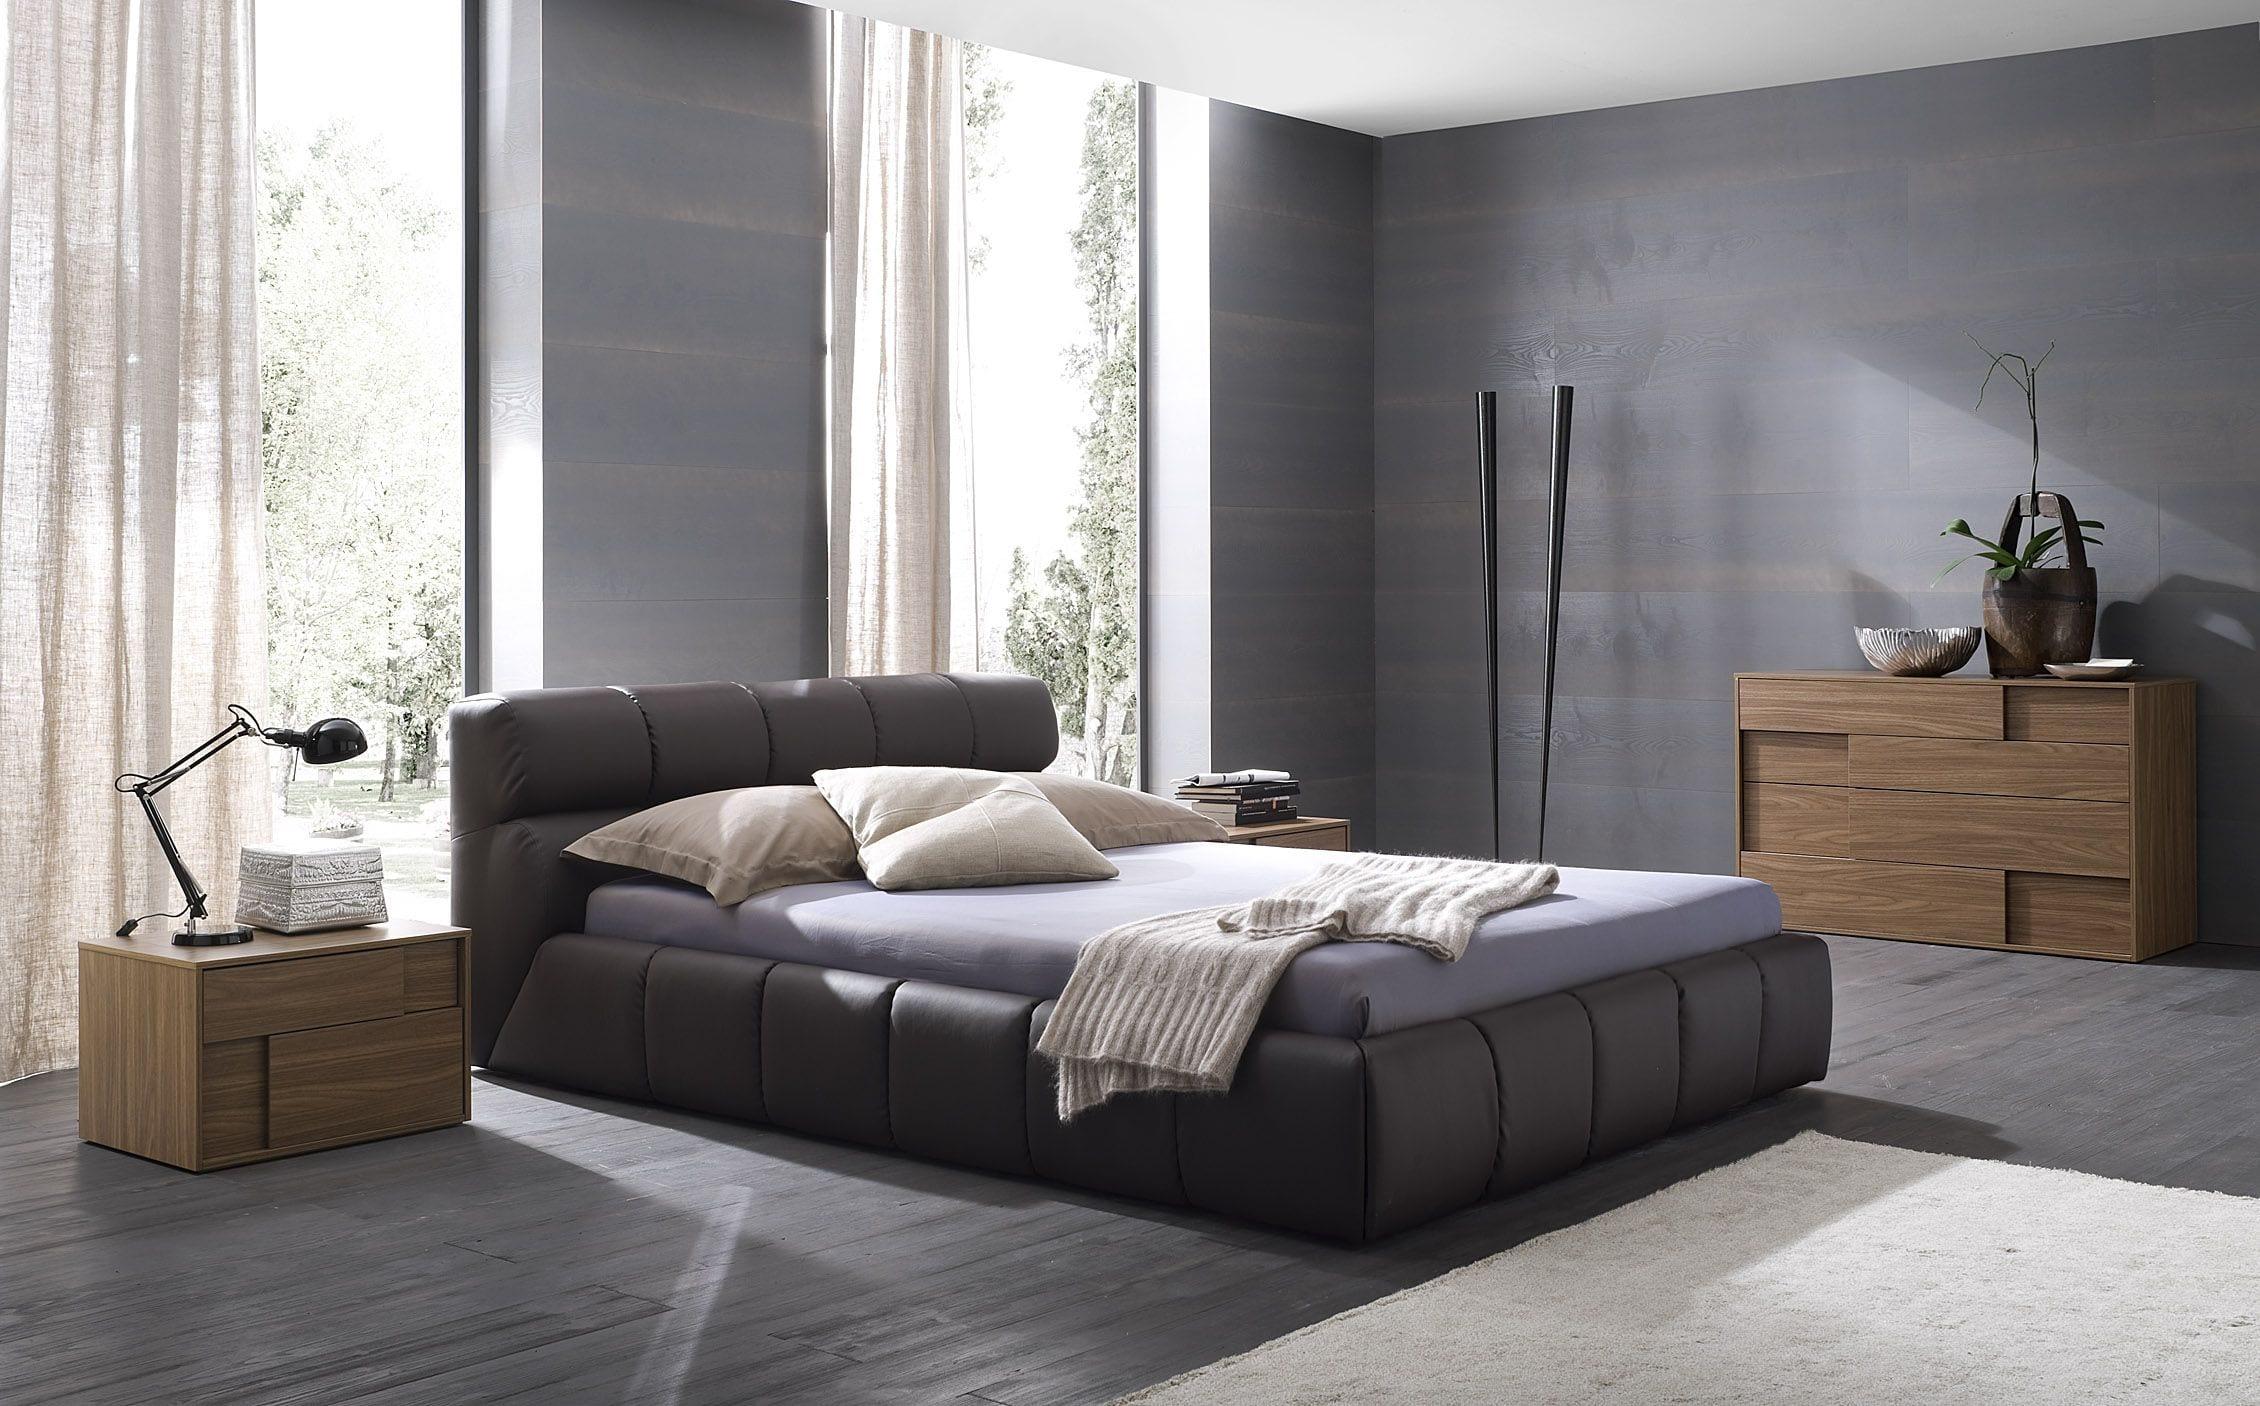 Schlafzimmer Grau - ein modernes Schlafzimmer Interior in grau ...